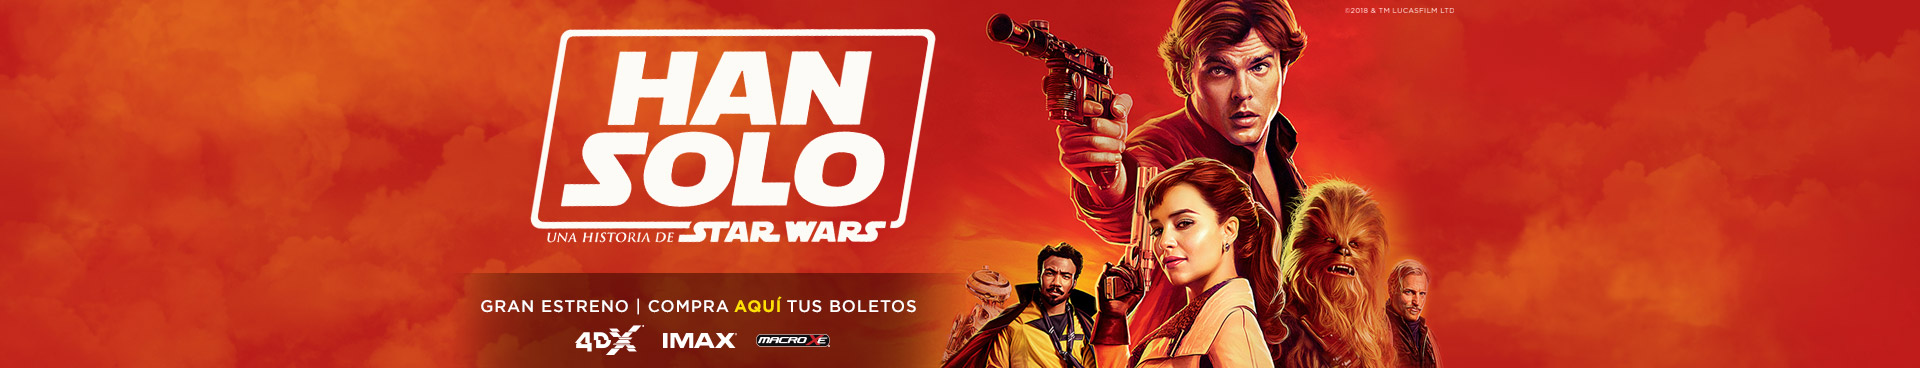 Gran estreno: Han Solo